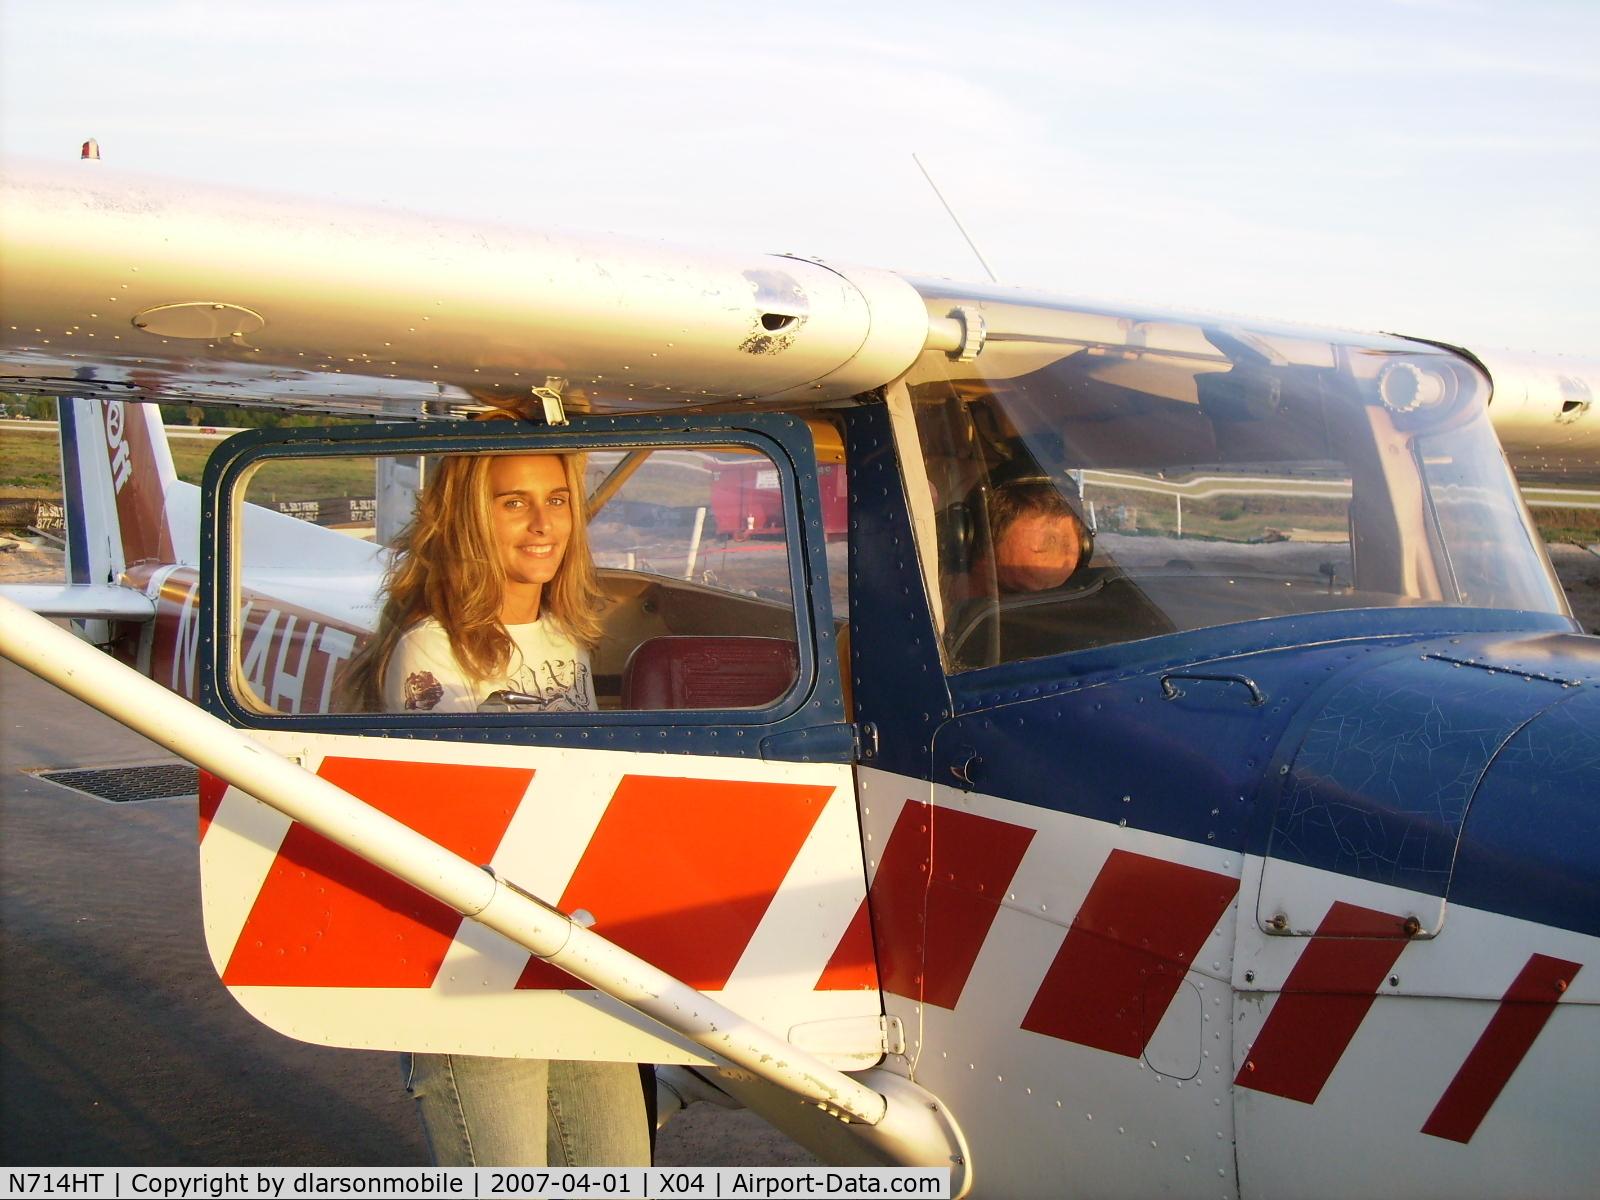 N714HT, 1977 Cessna 150M C/N 15079195, Shana flying HT